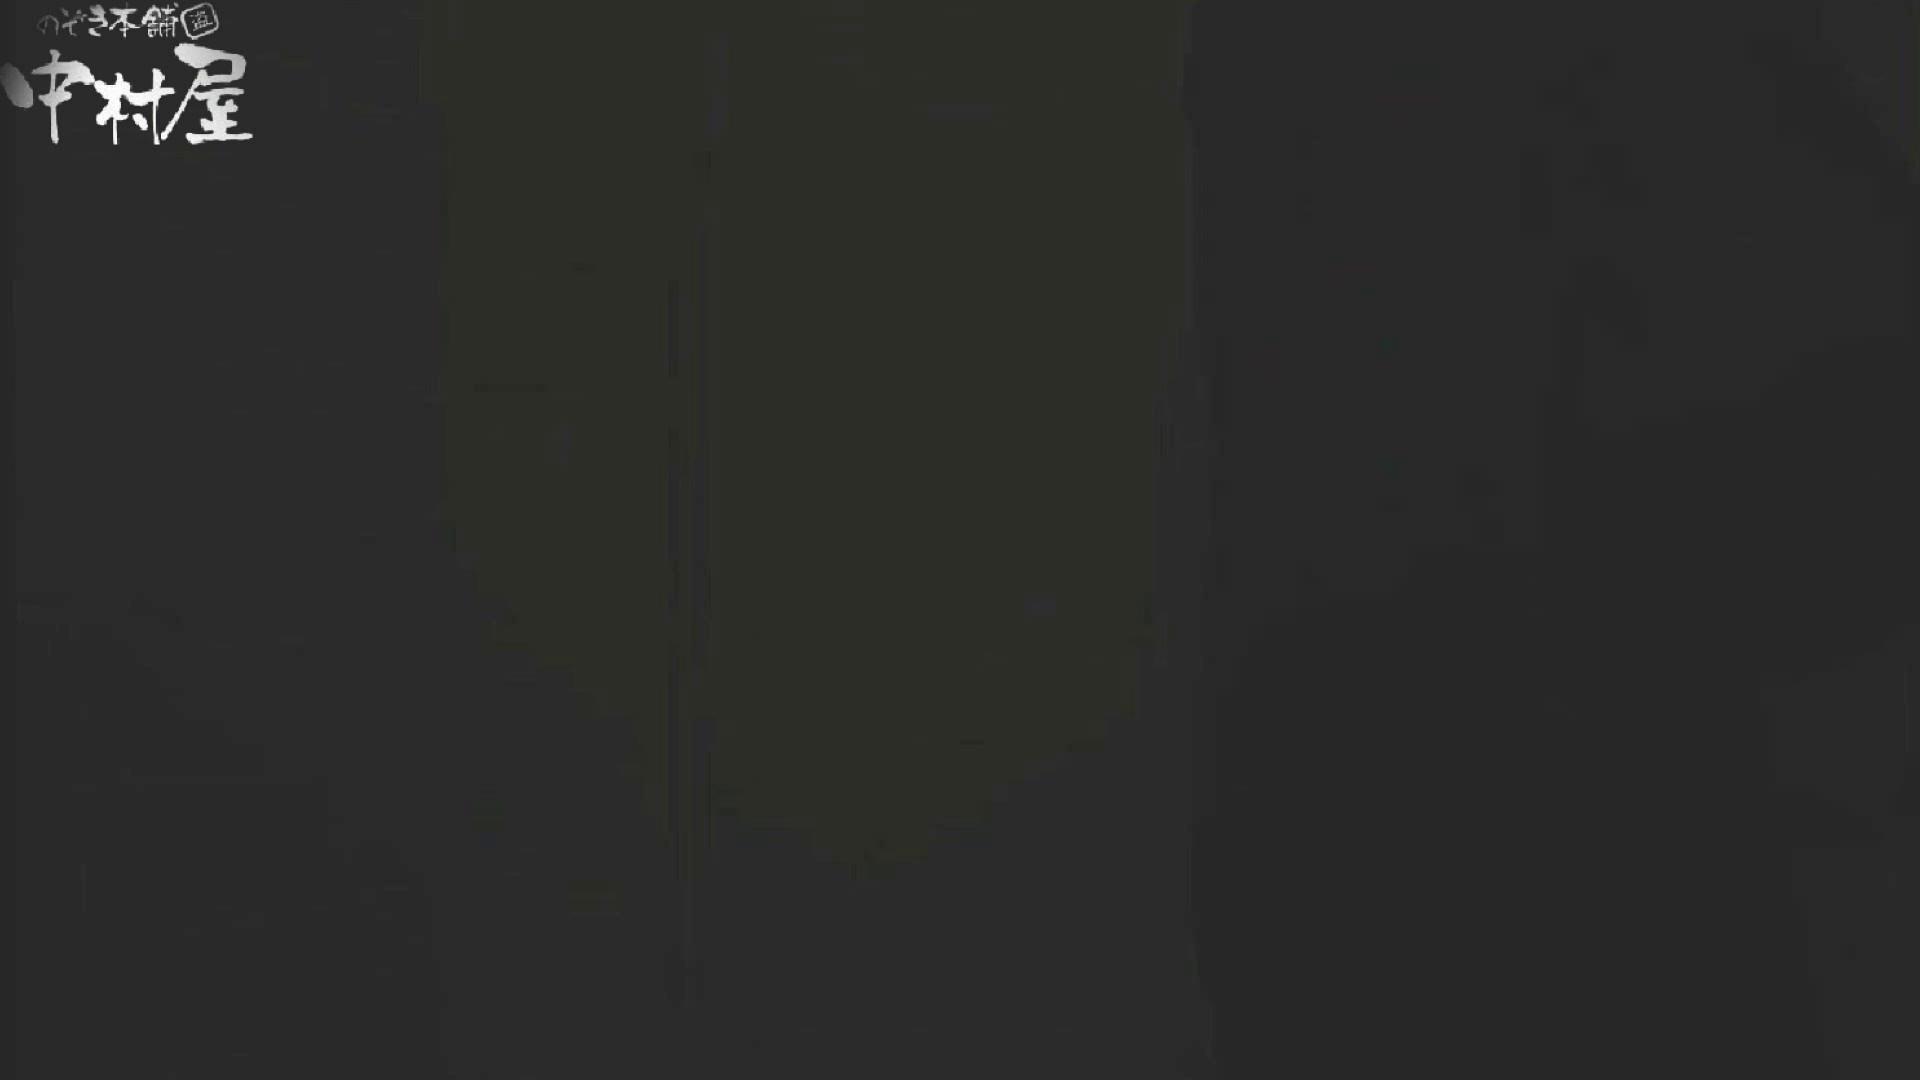 お漏らし寸前デパトイレ盗撮!Vol.12 トイレ オメコ無修正動画無料 108PIX 73